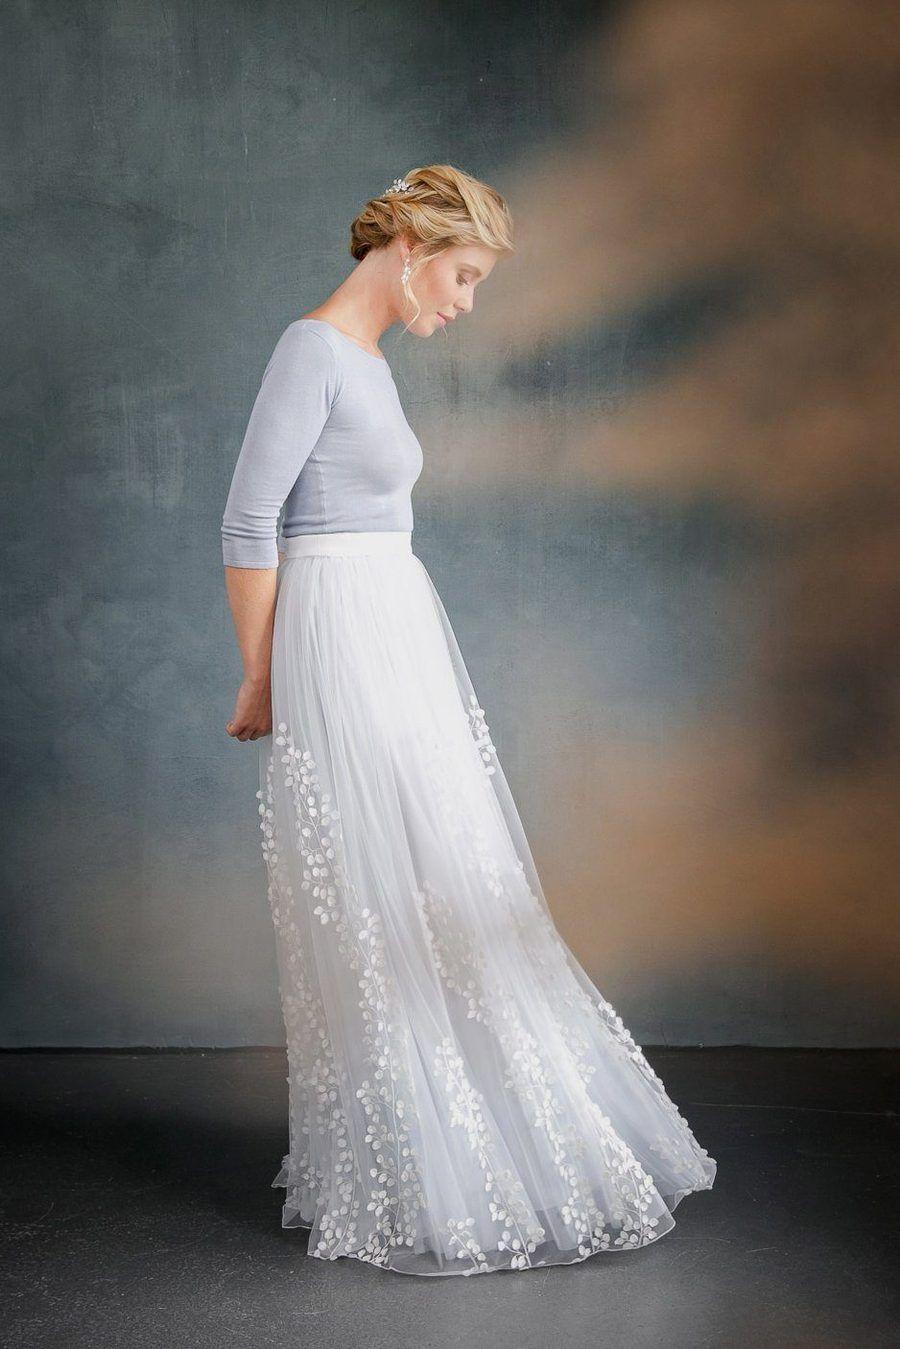 Abnehmbarer Braut Uberrock Mit 3d Blatter Tull Lillith In 2020 Braut Brautkleid Hochzeitskleid